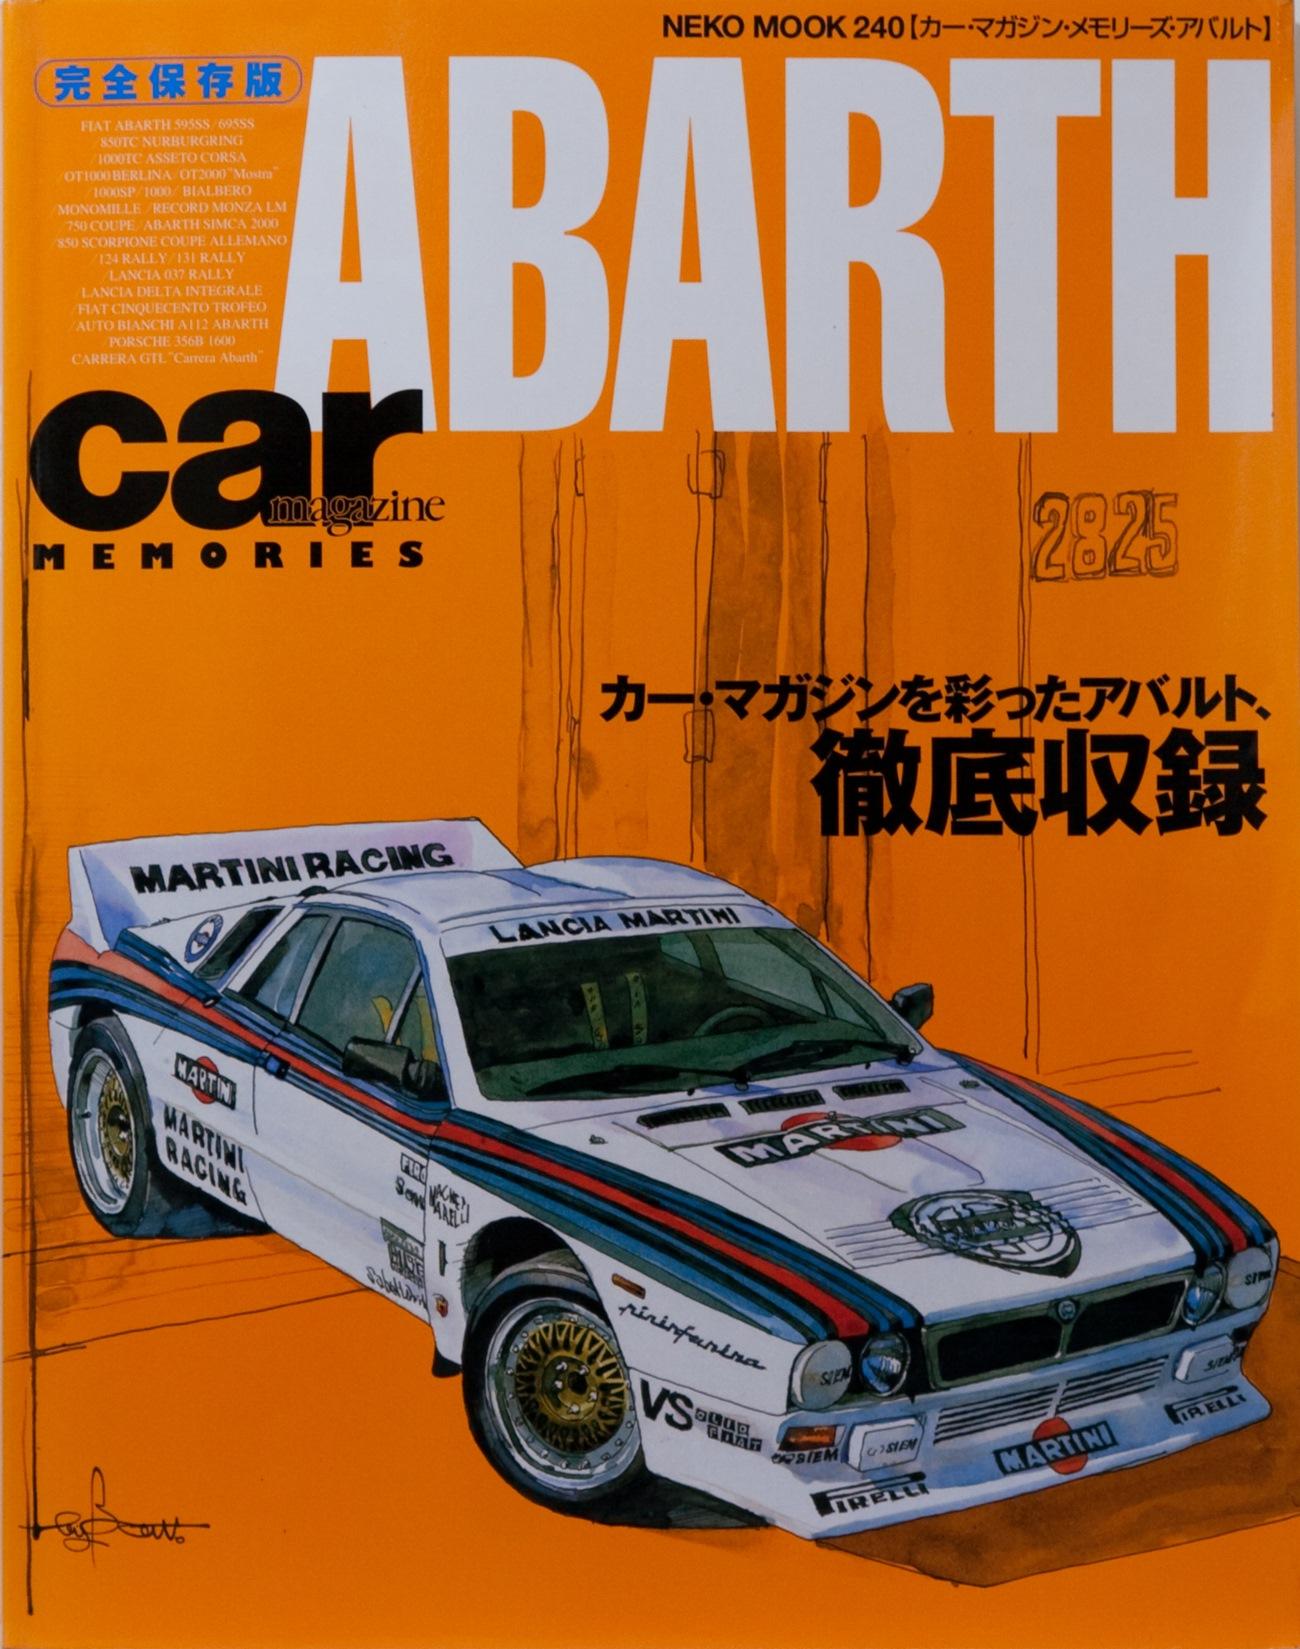 Car Magazine_MEMORIES